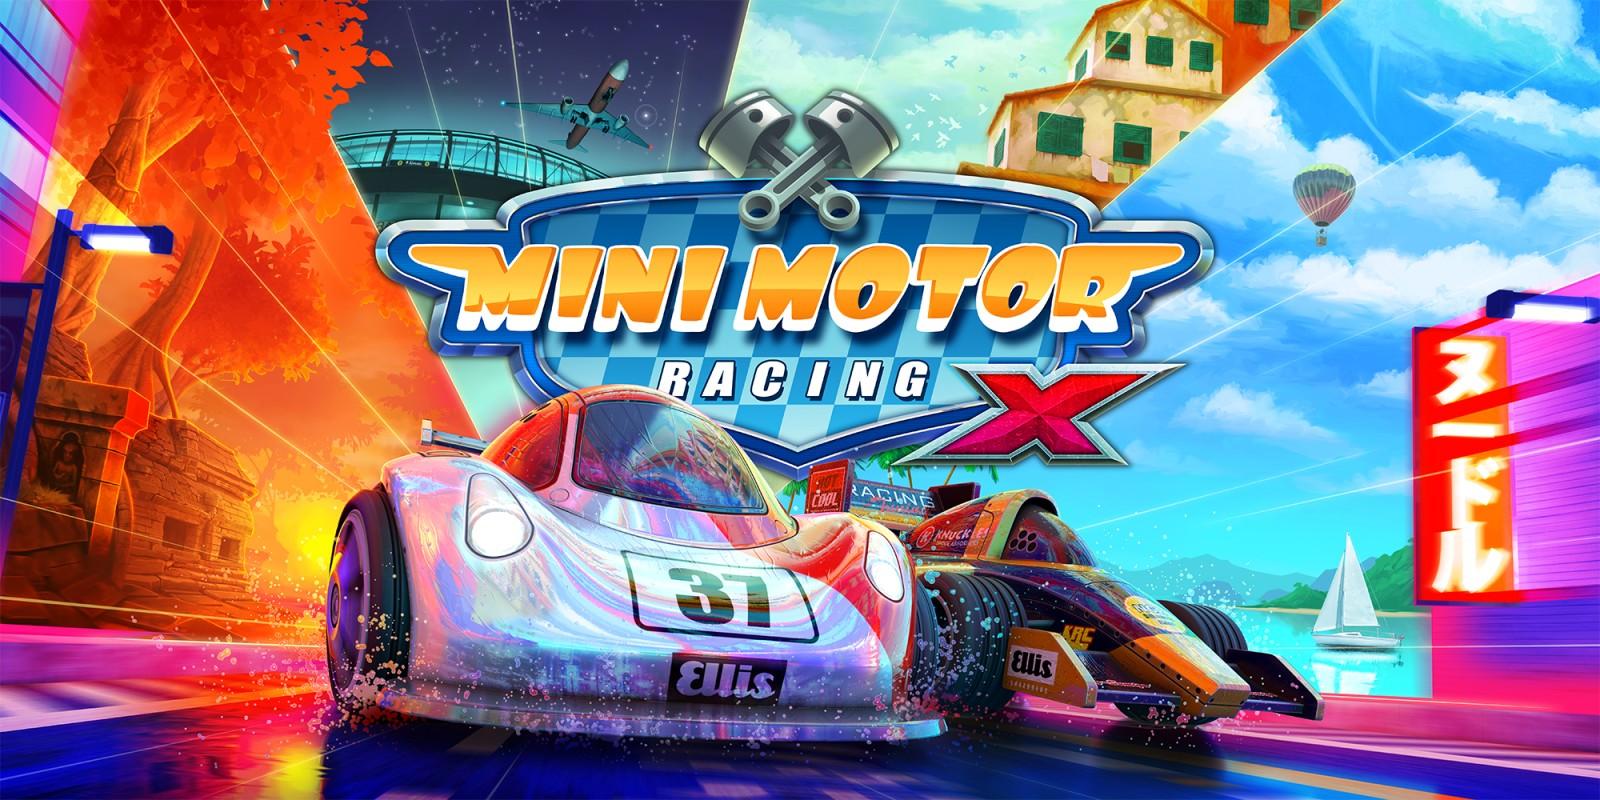 Motor Spiele